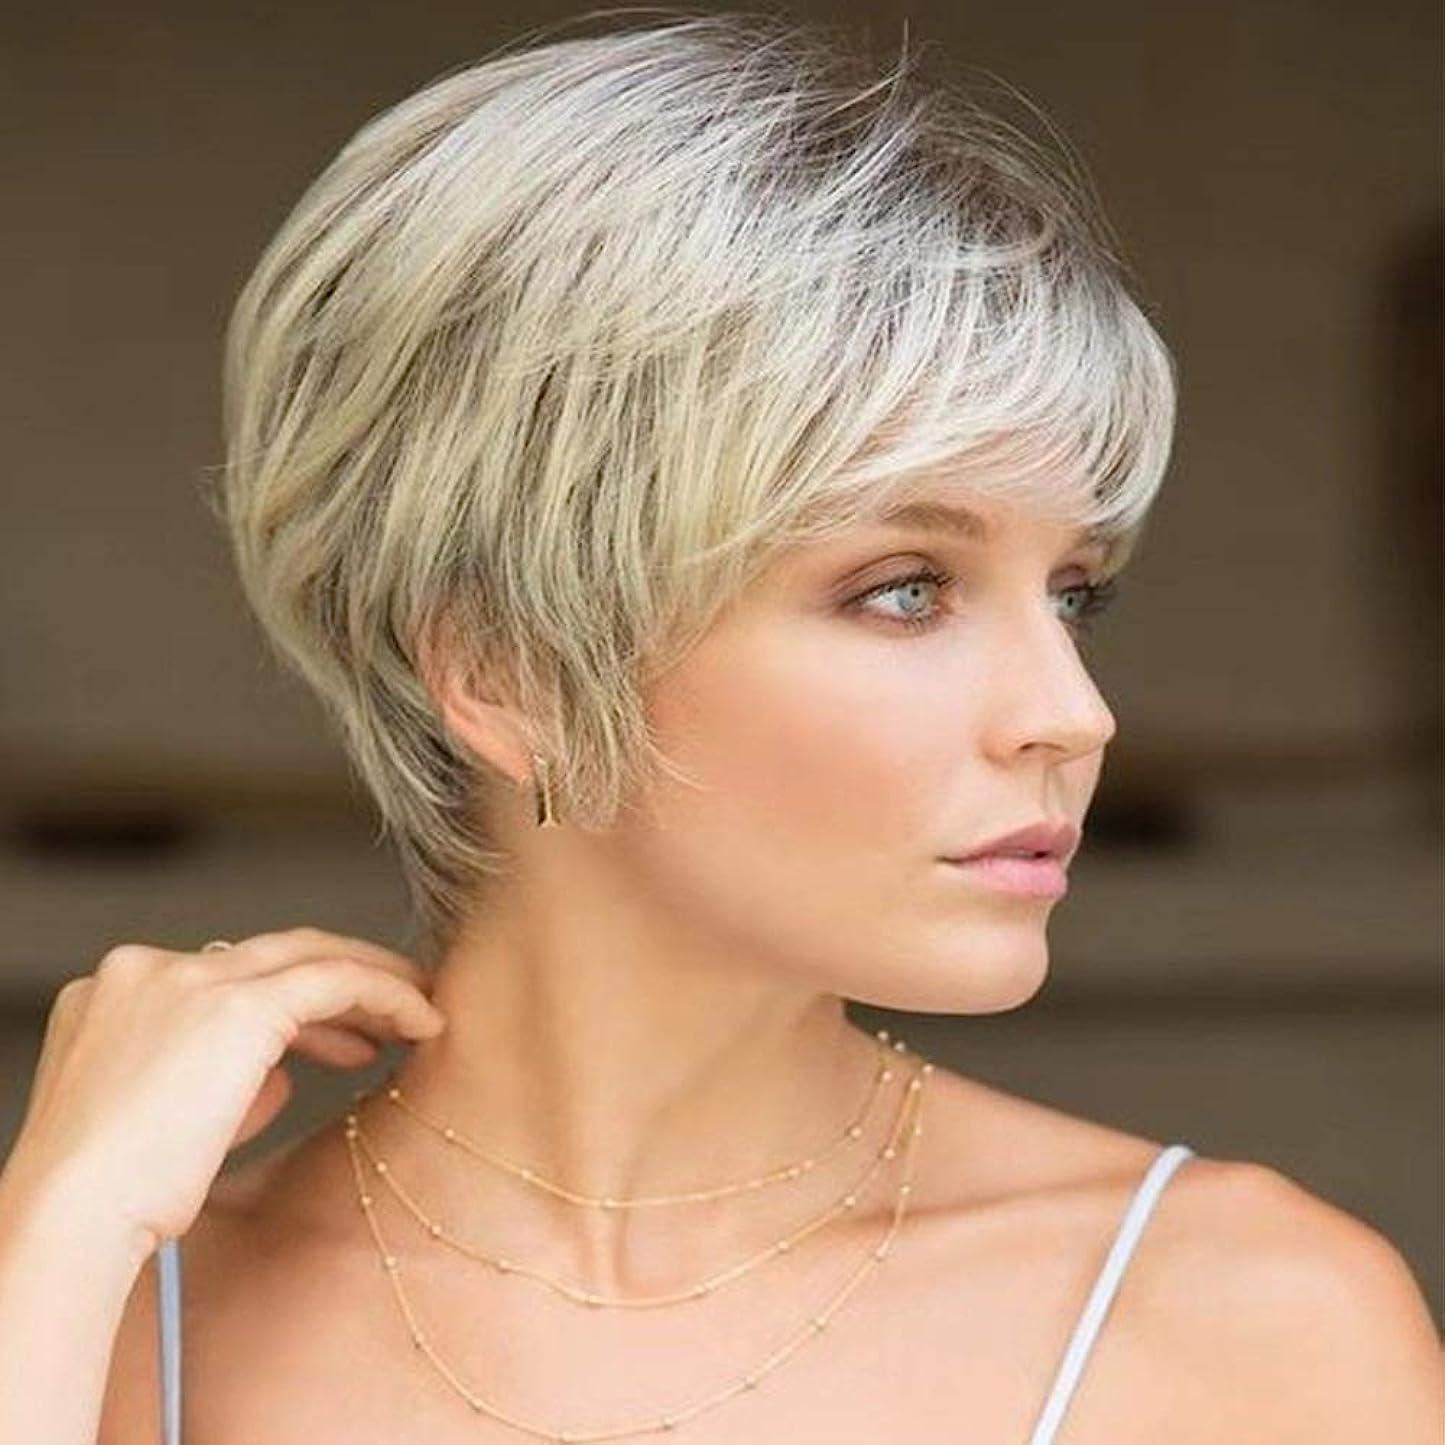 適応エトナ山実施する女性用ライトブロンドショートカーリーヘアウィッグ自然髪ウィッグ前髪付き合成フルヘアウィッグ女性と女の子用ハロウィンコスプレパーティーウィッグ